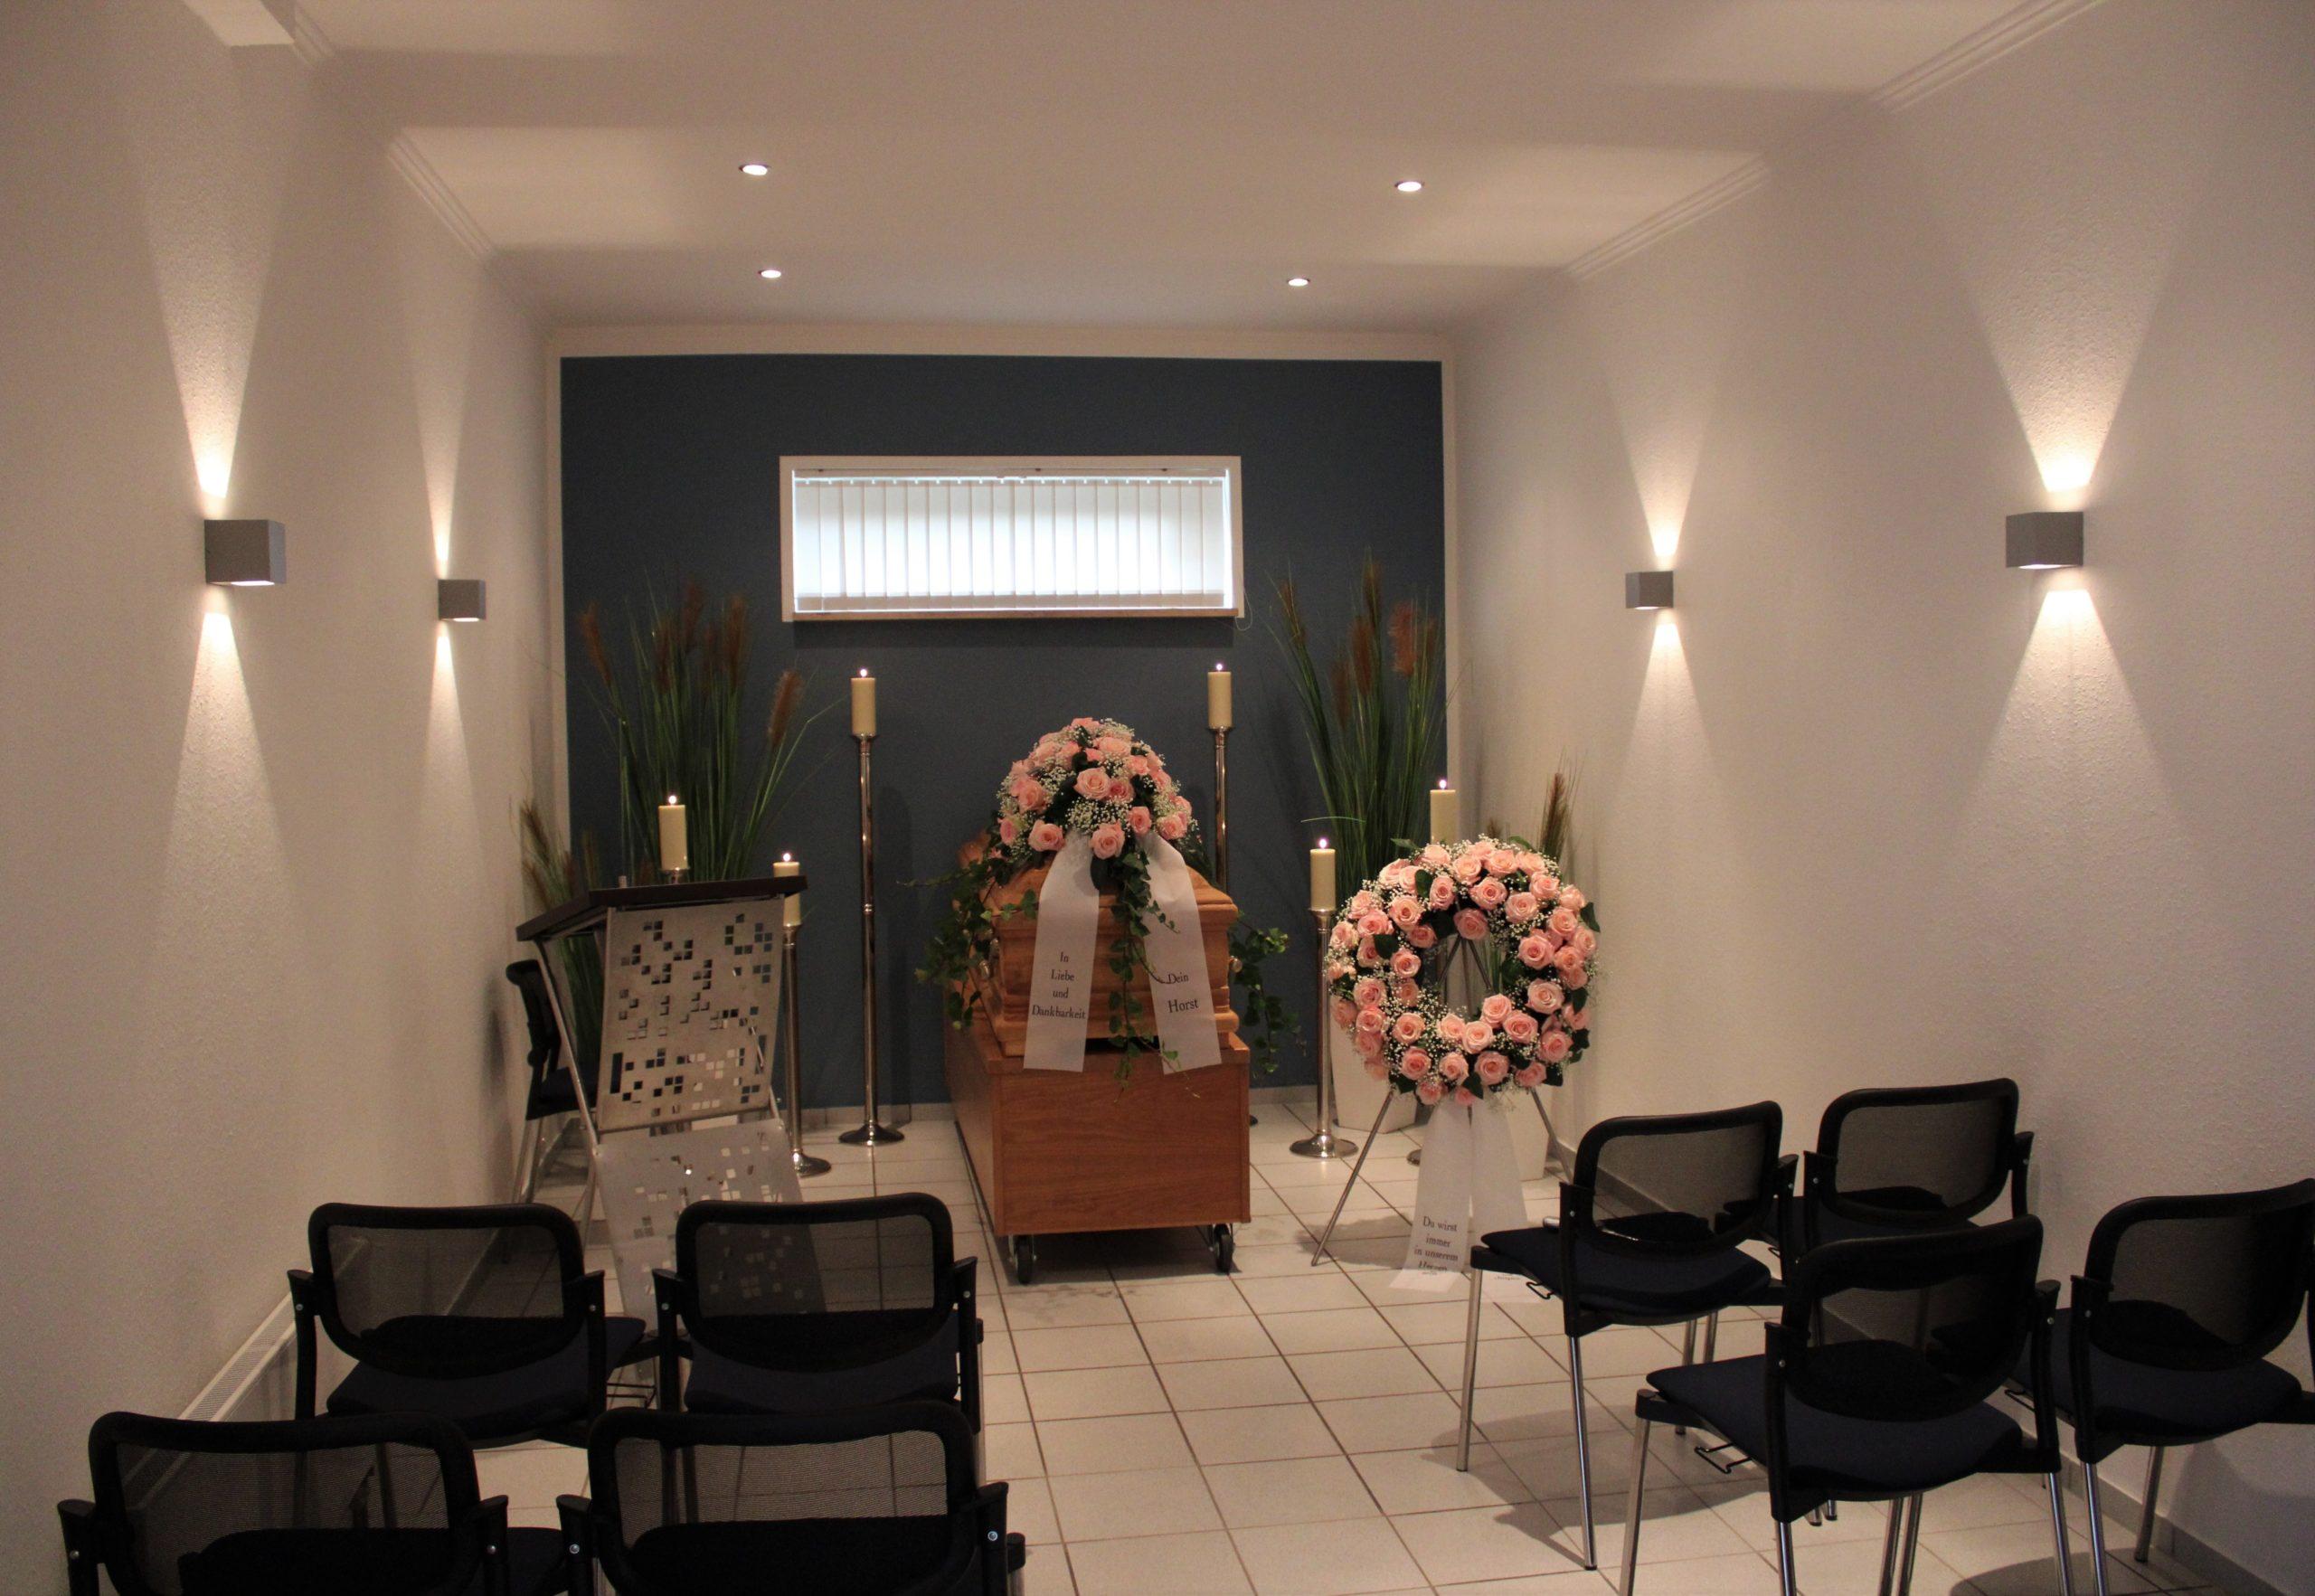 Beerdigungsinstitut Wohlert in Bad Segeberg